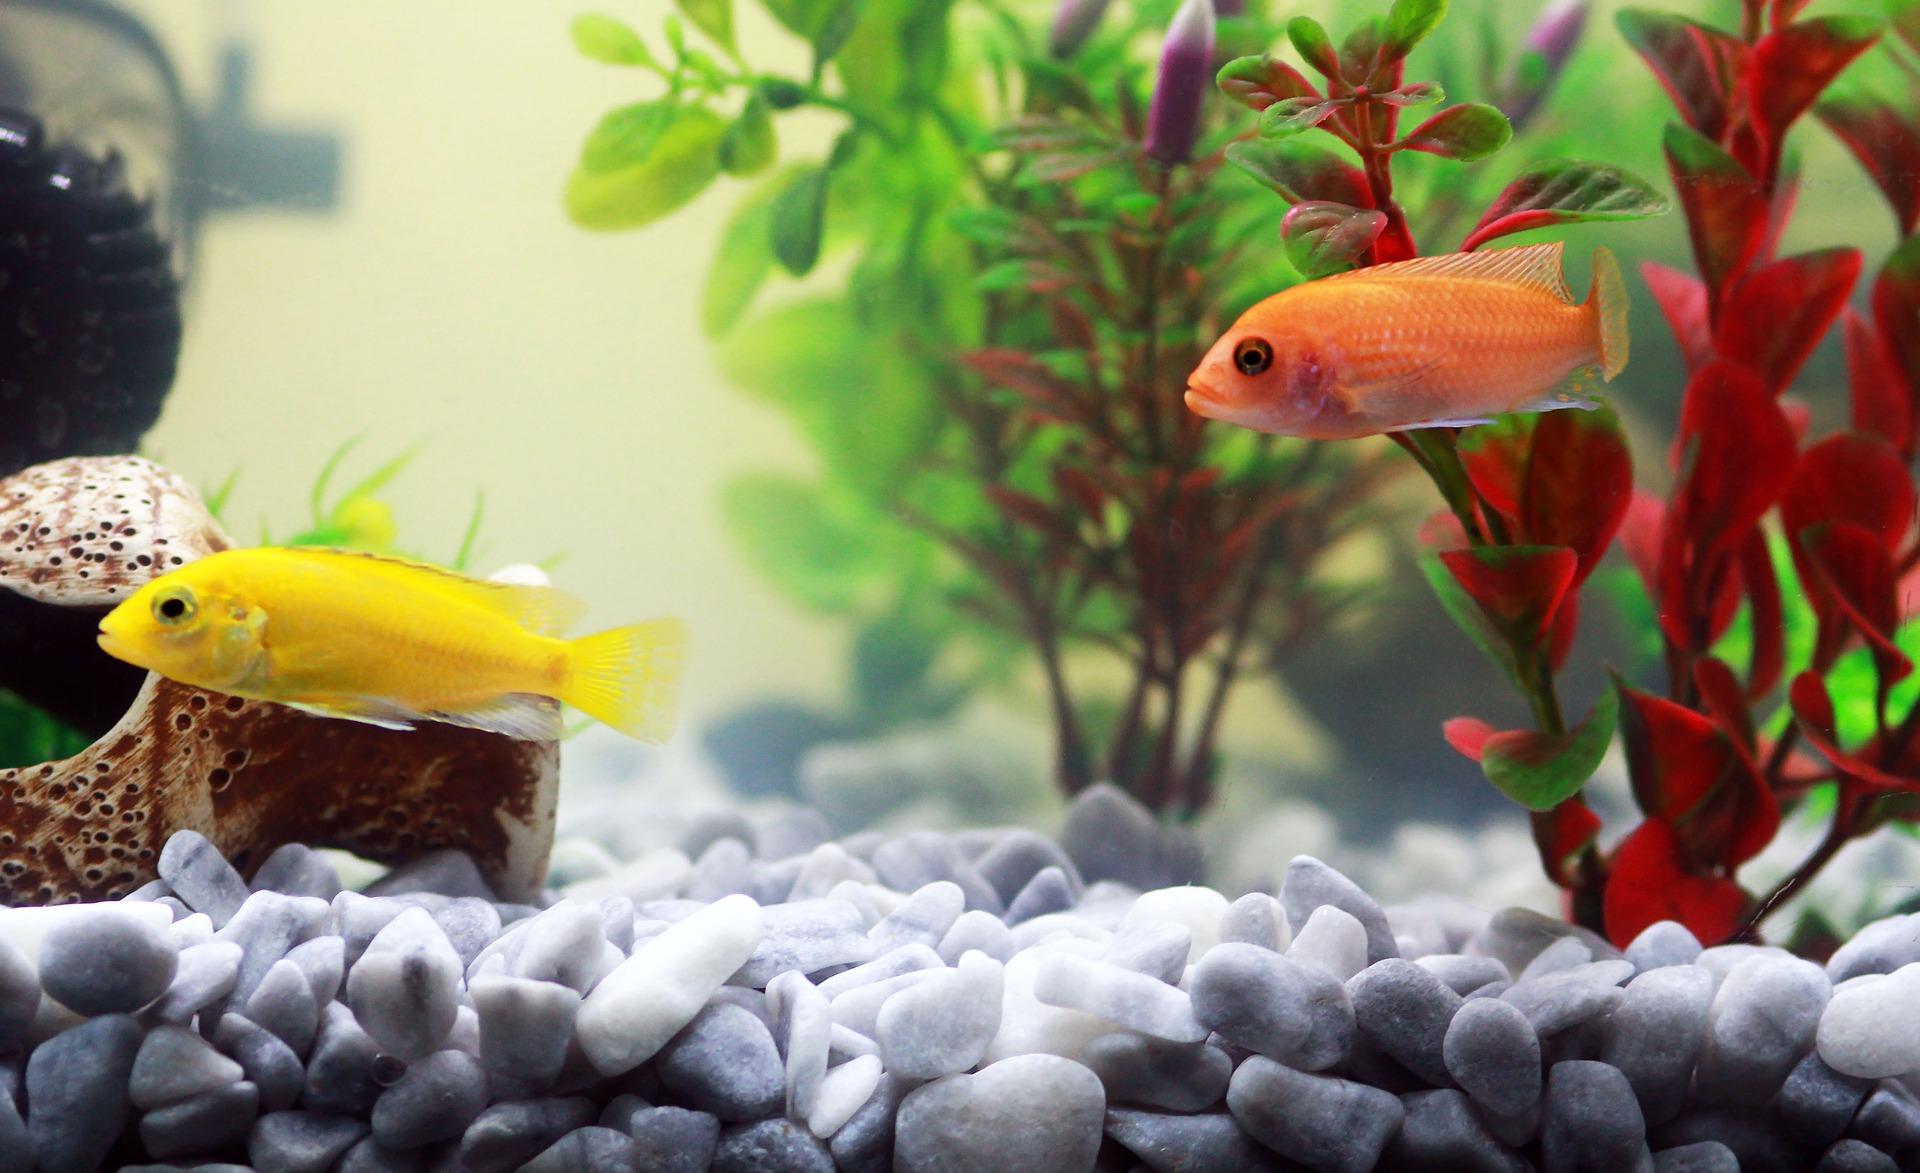 Aby zachować piękne akwarium, bez mętnej wody, należy należycie je przygotować od pierwszych dni. Czysta woda w akwarium zapewnia najlepsze warunki rybom.